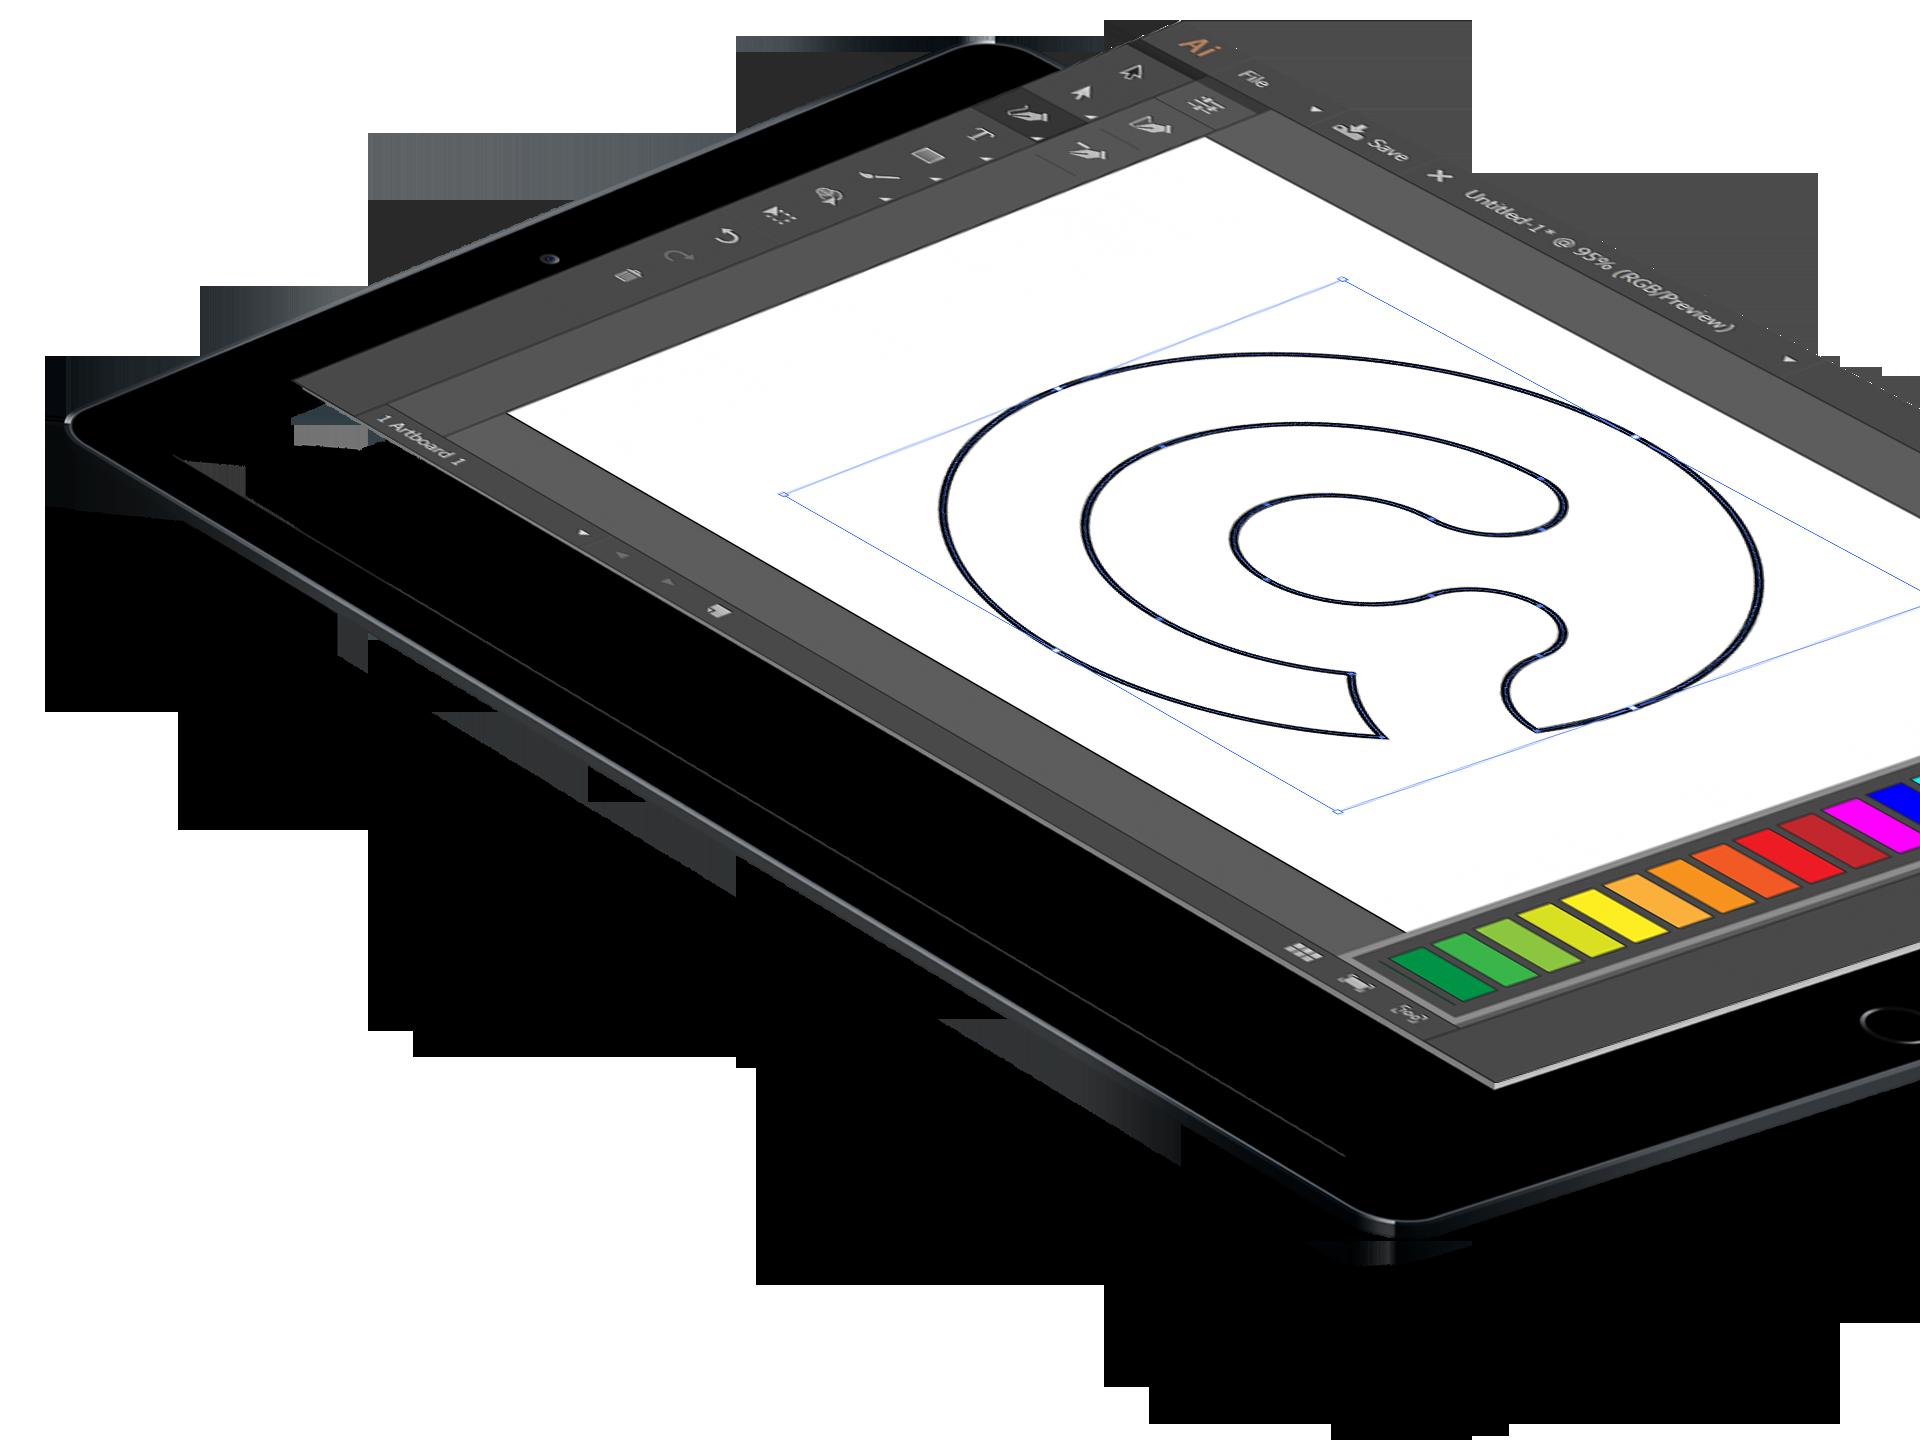 Graphiste designer graphique montpelliérain